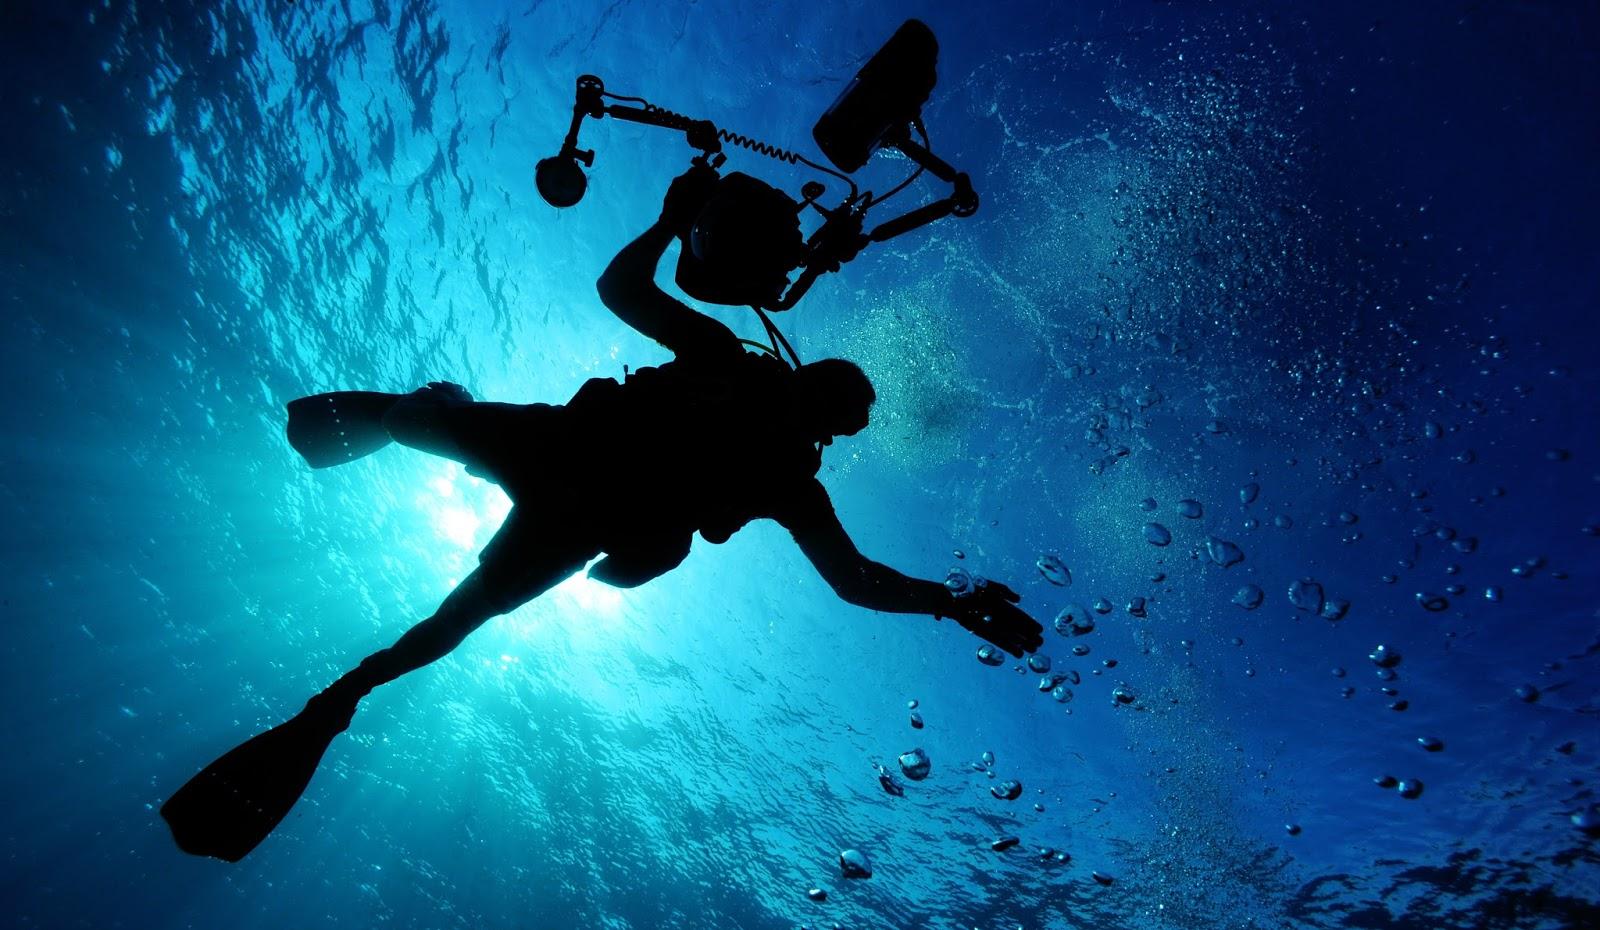 沖繩-潛水-浮潛-青之洞窟-真榮田岬-推薦-Okinawa-scuba-diving-snorkeling